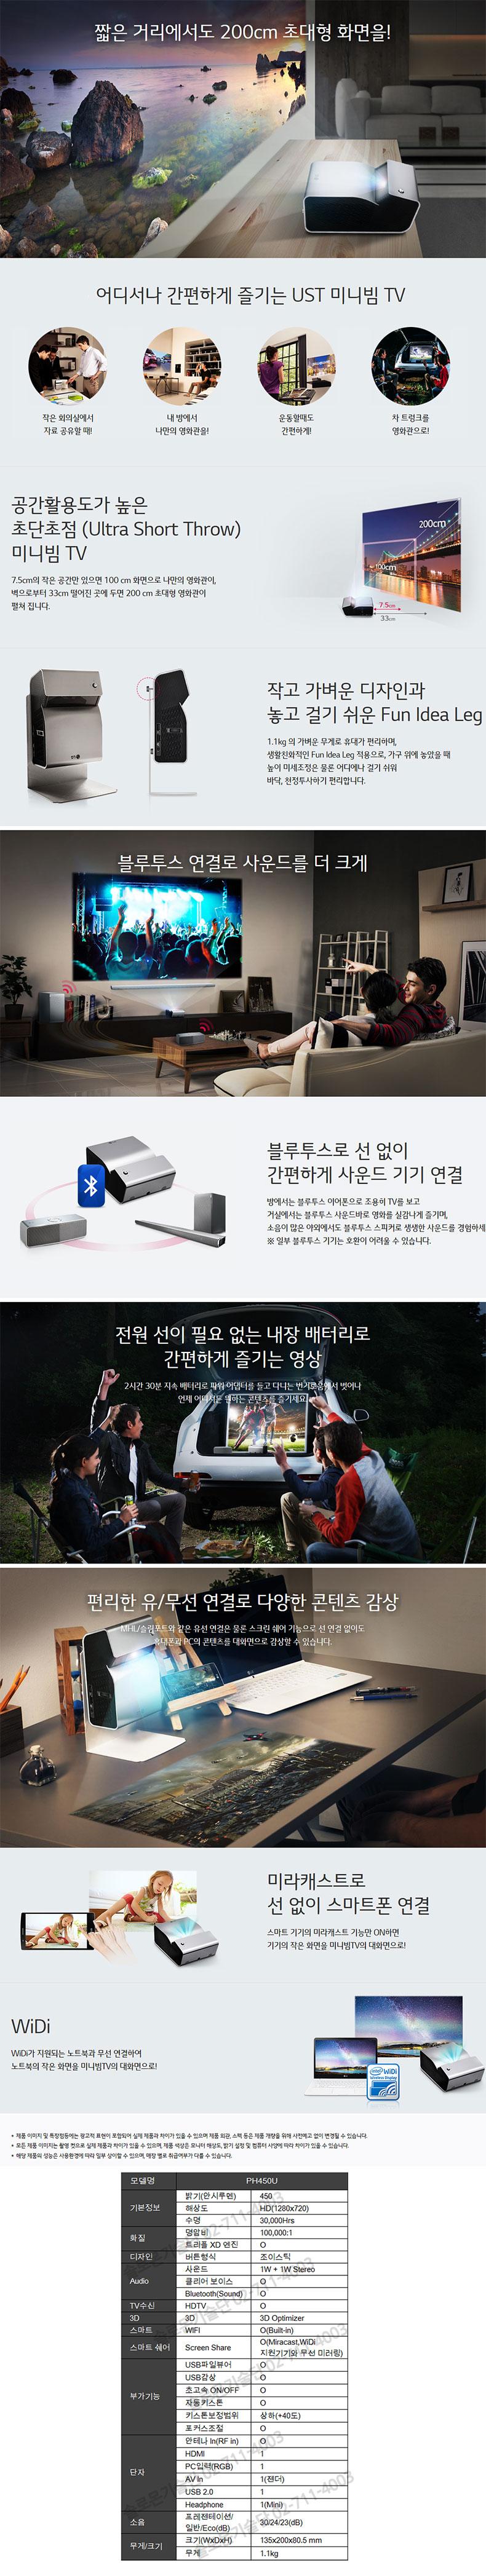 LG 미니빔 PH450U WXGA 단초점 프로젝터